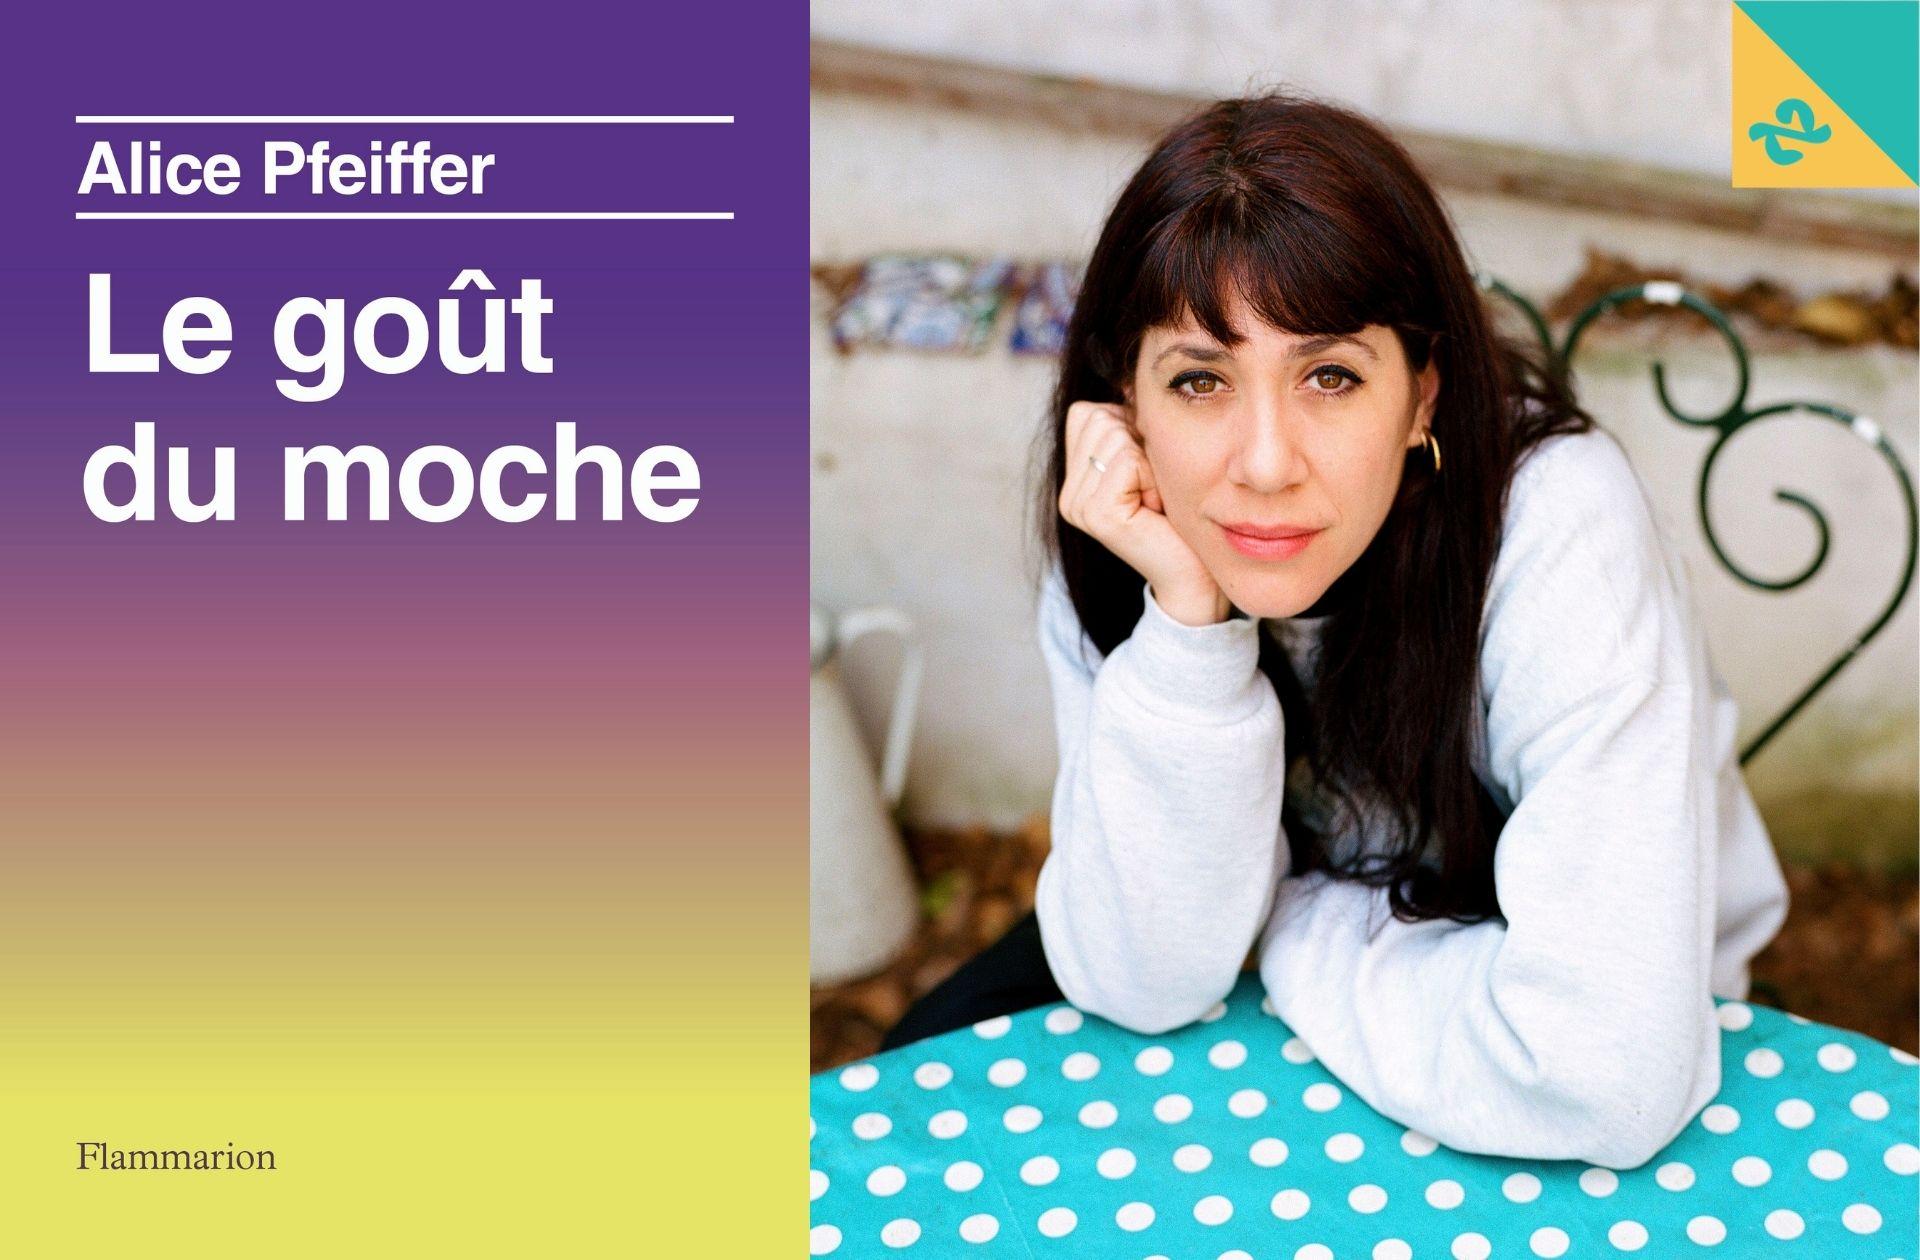 Alice Pfeiffer, autrice du livre Le Goût du moche